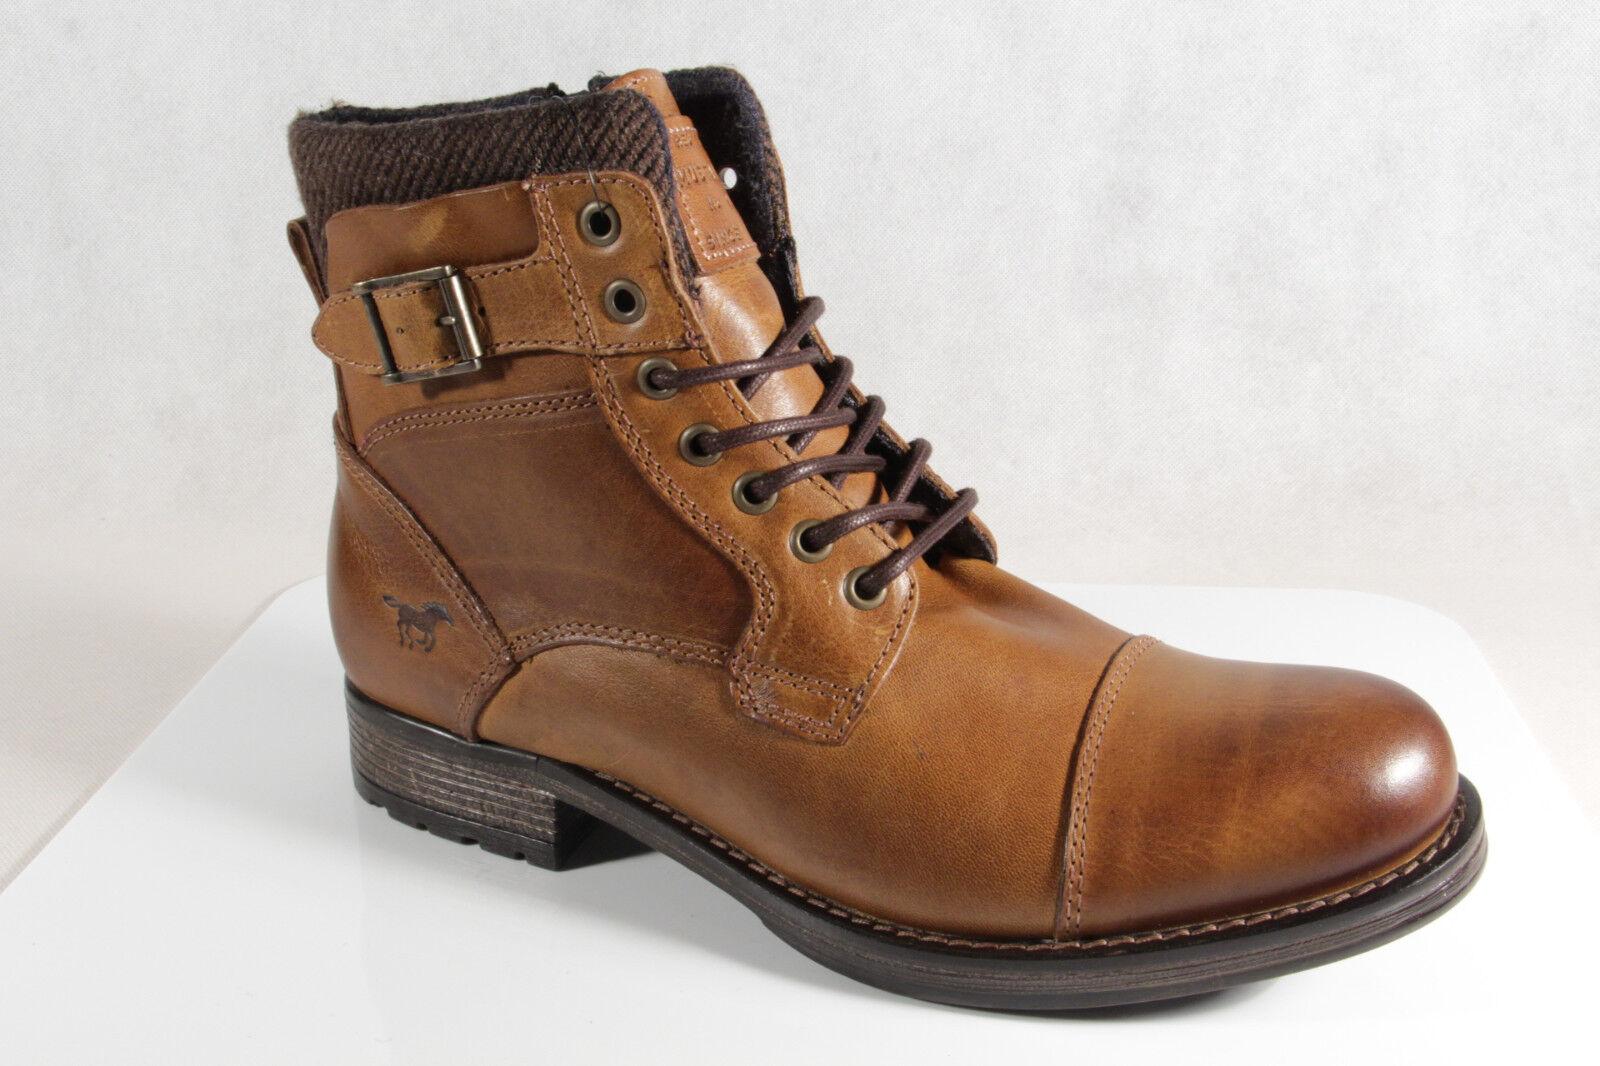 Mustang Stiefel Boots Schnürstiefel Winterstiefel braun Echtleder 4865 NEU